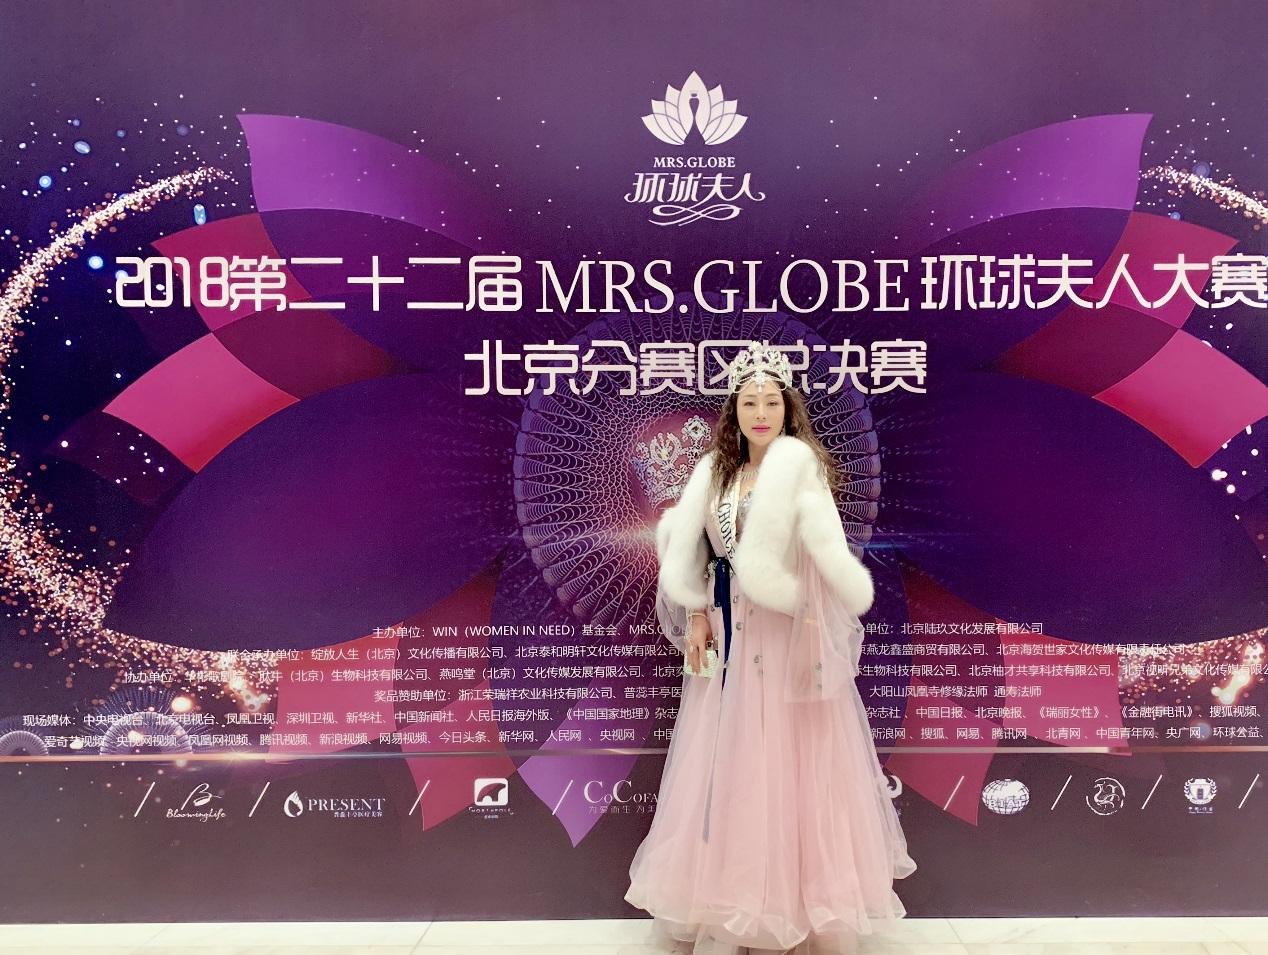 2017全球民选冠军邹红平为2018北京总决赛获奖选手颁奖